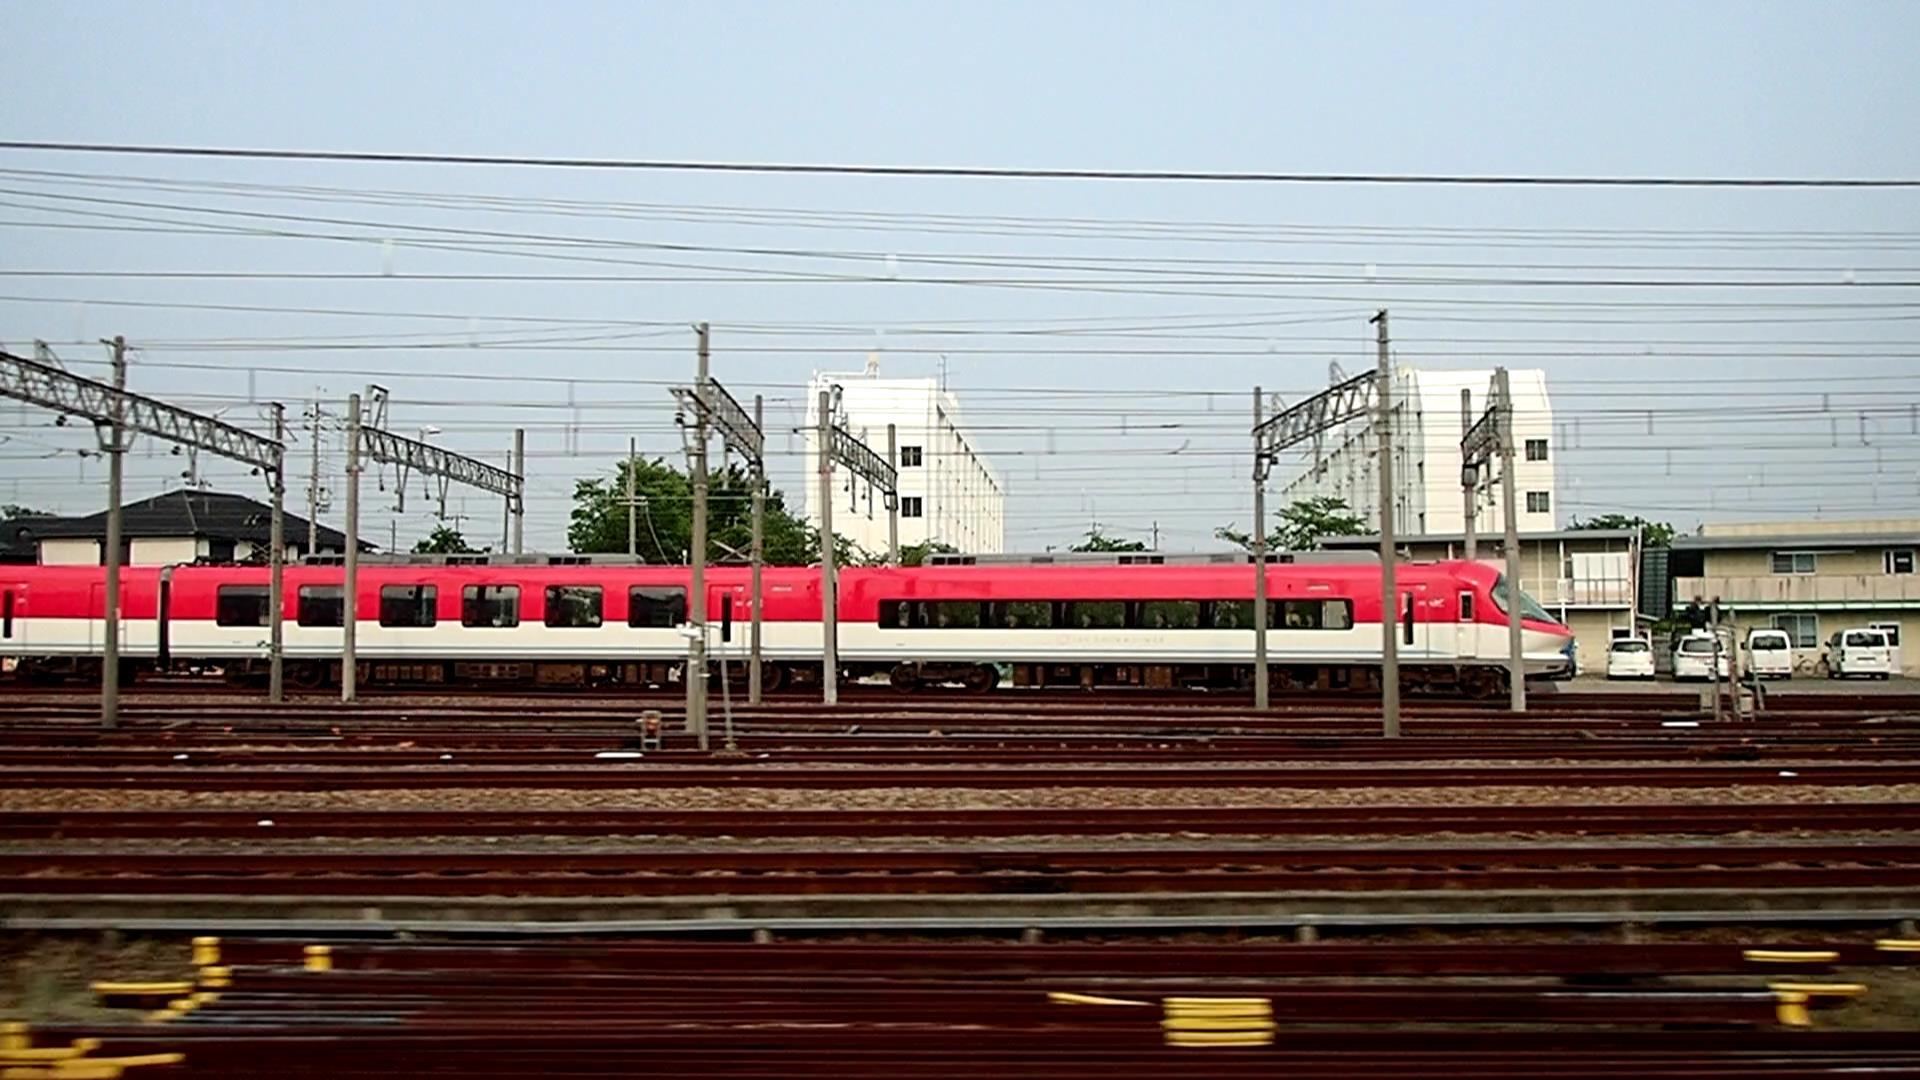 伊勢志摩ライナー奇数車番赤編成です。